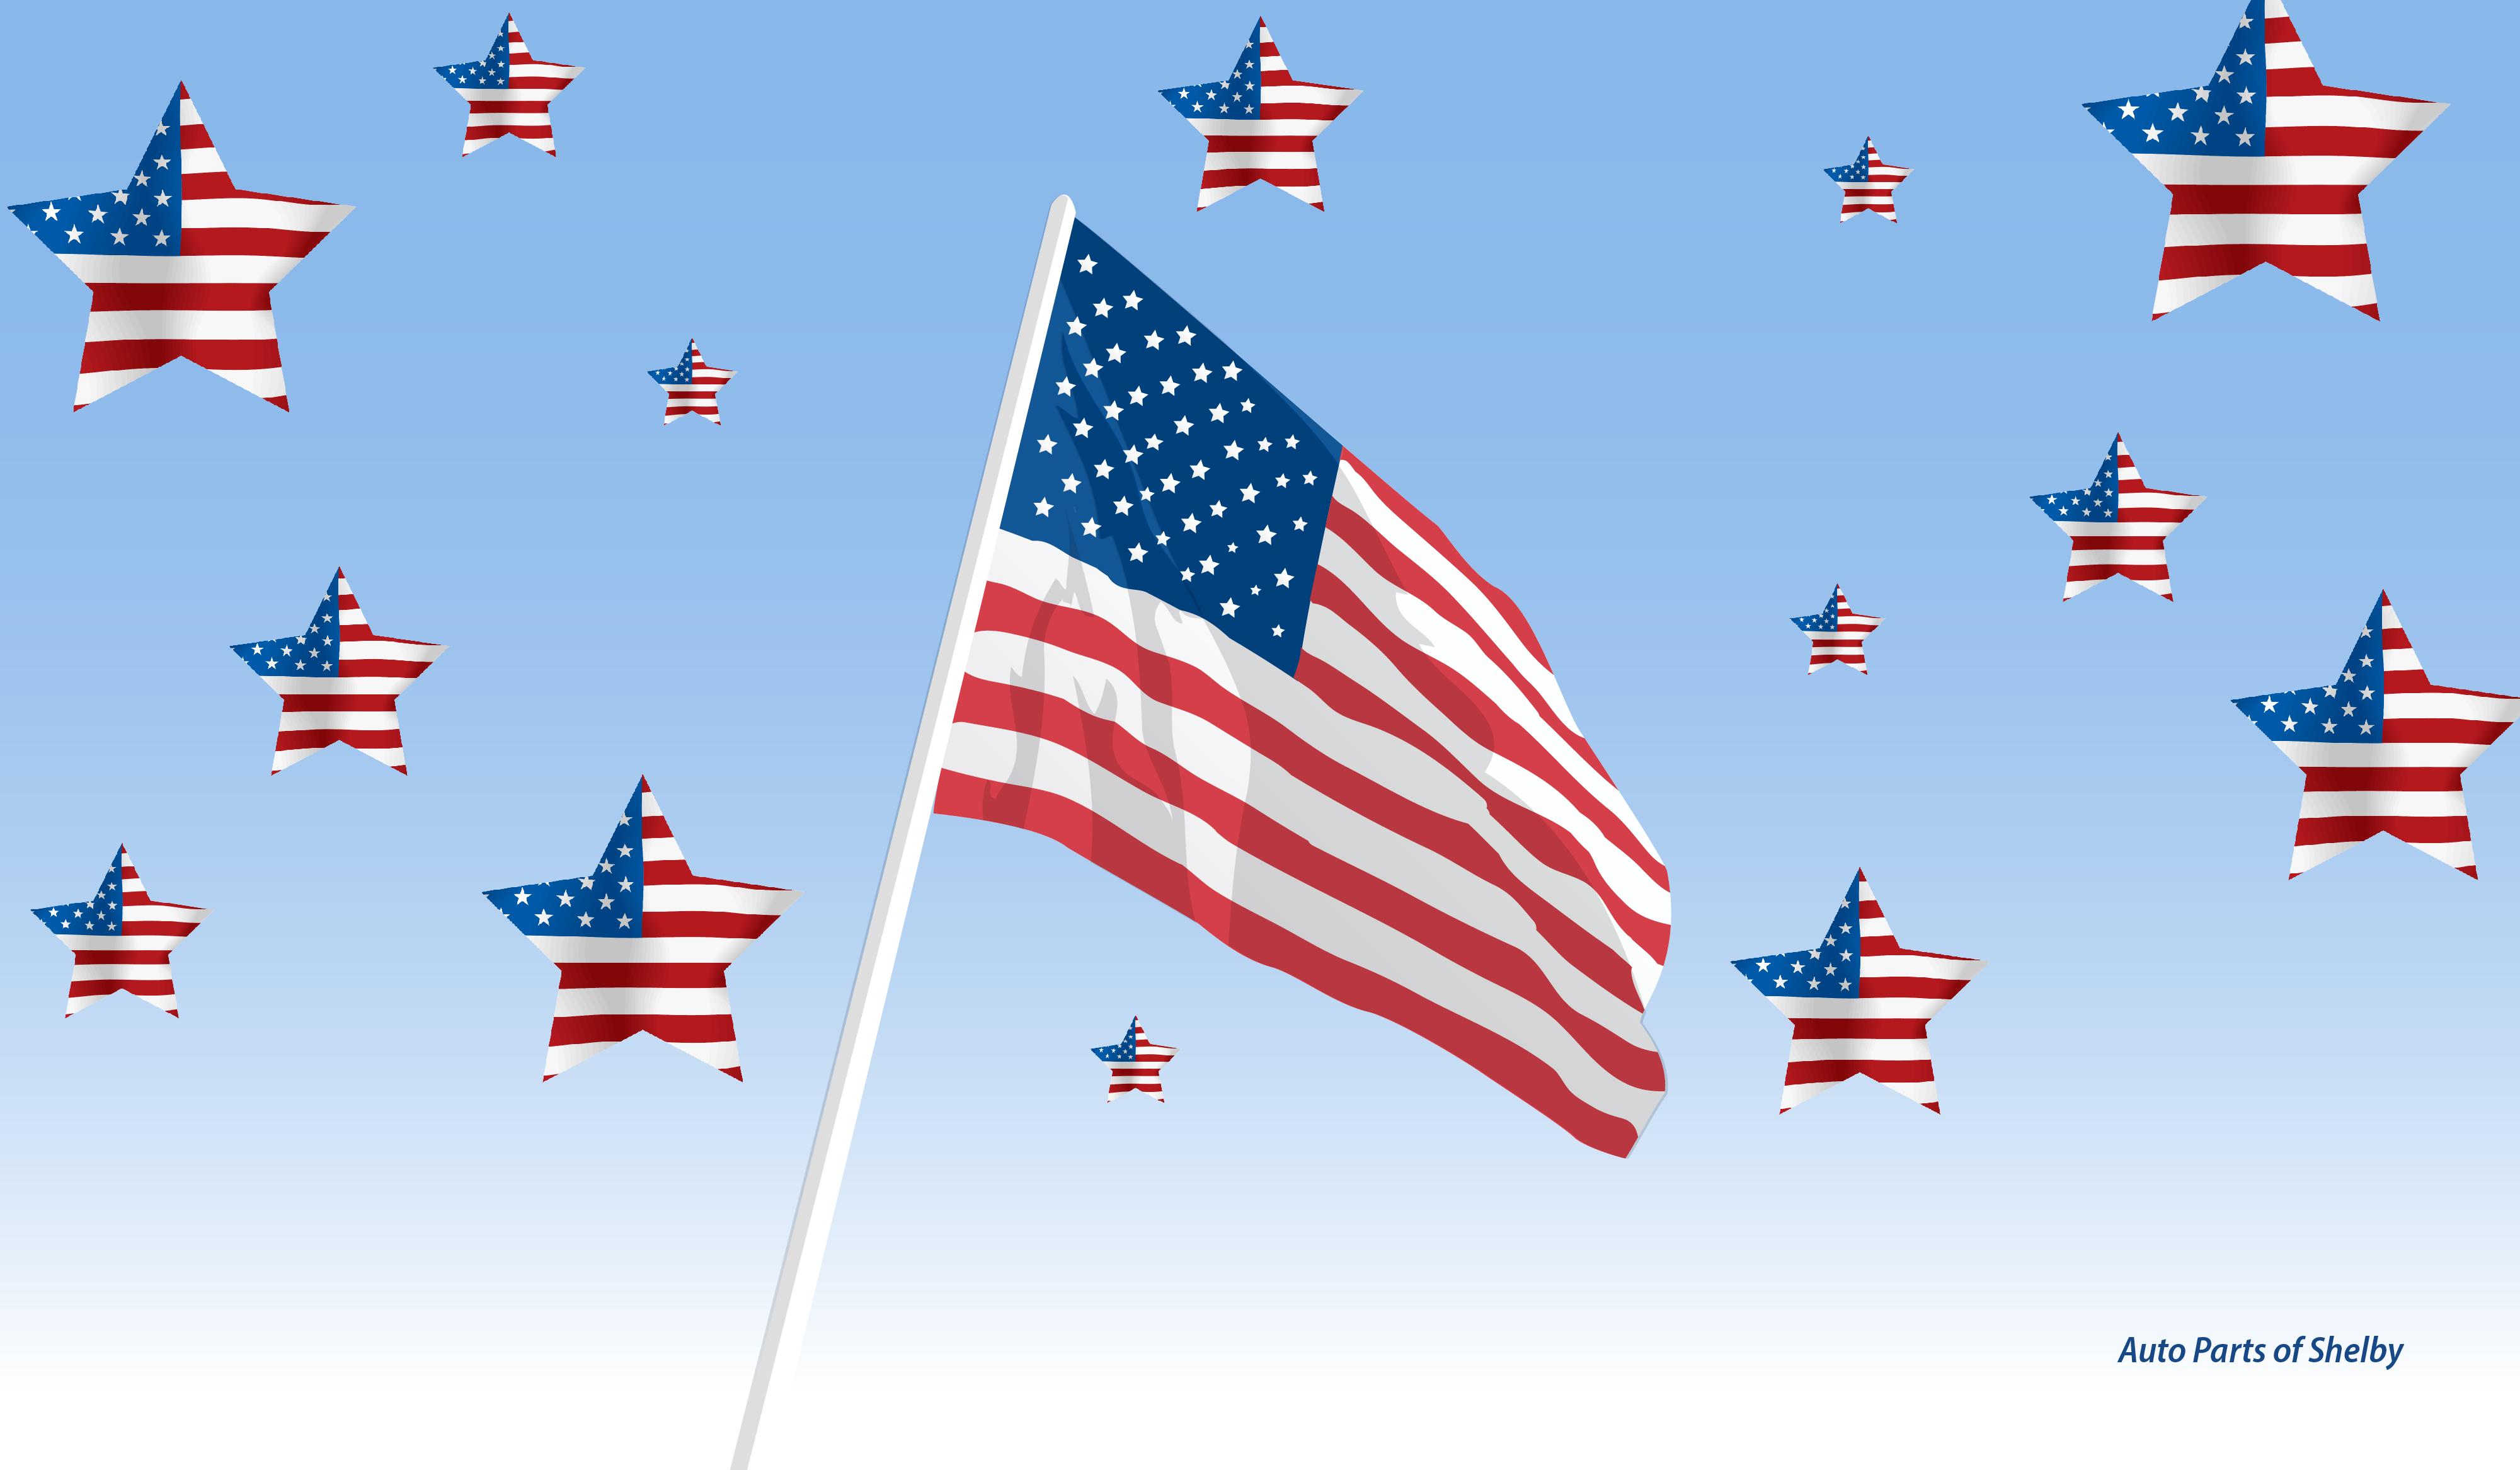 Free Patriotic Wallpaper for Desktop